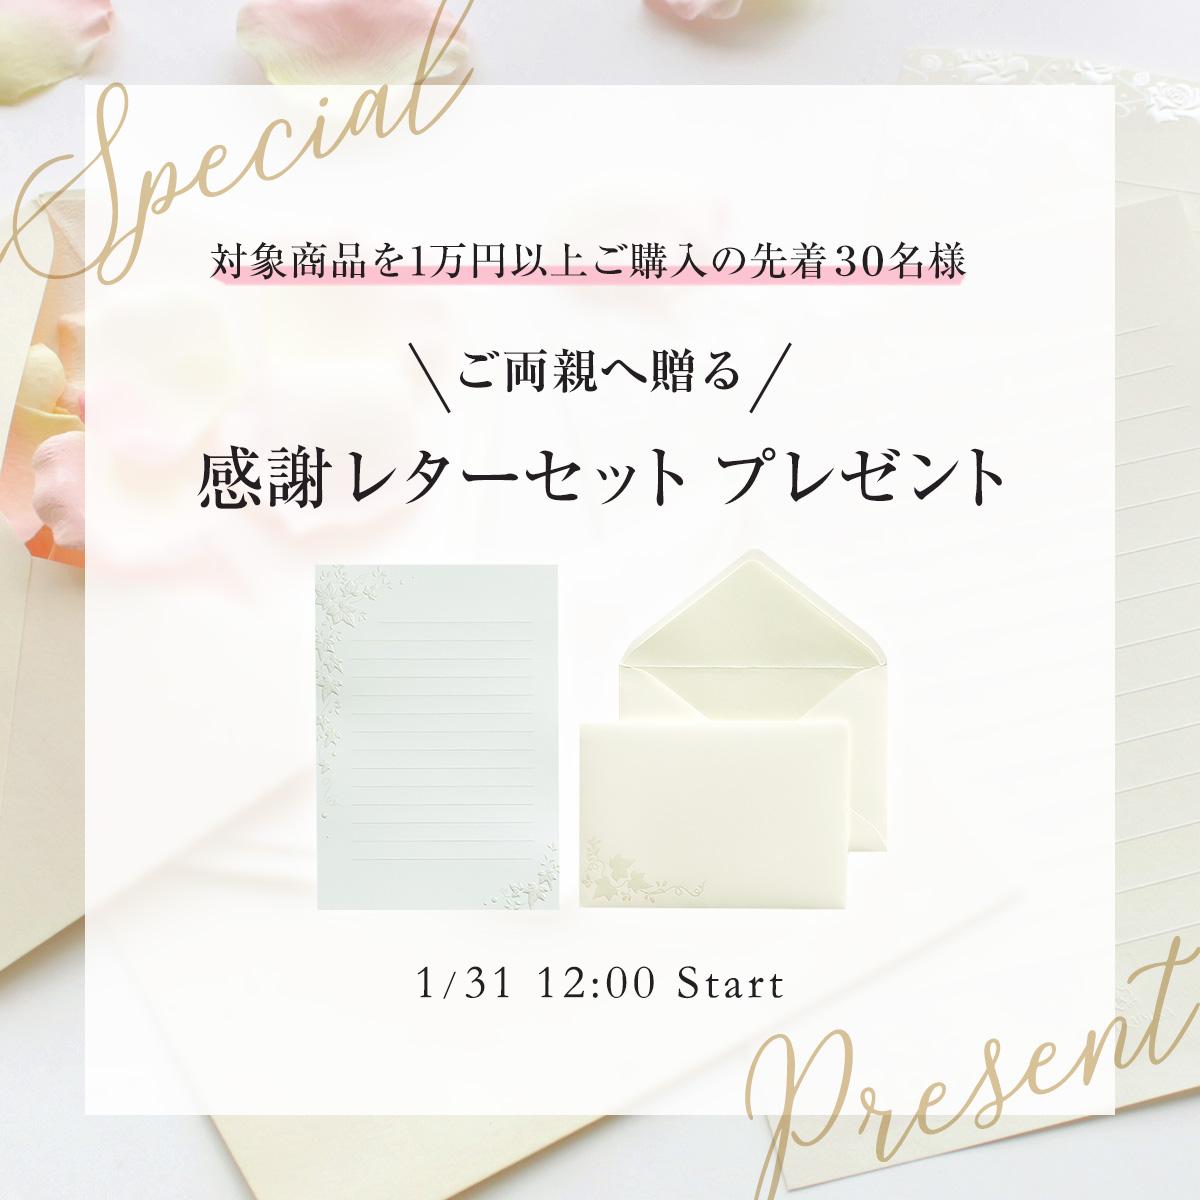 先着30名様☆感謝レターセットプレゼント!